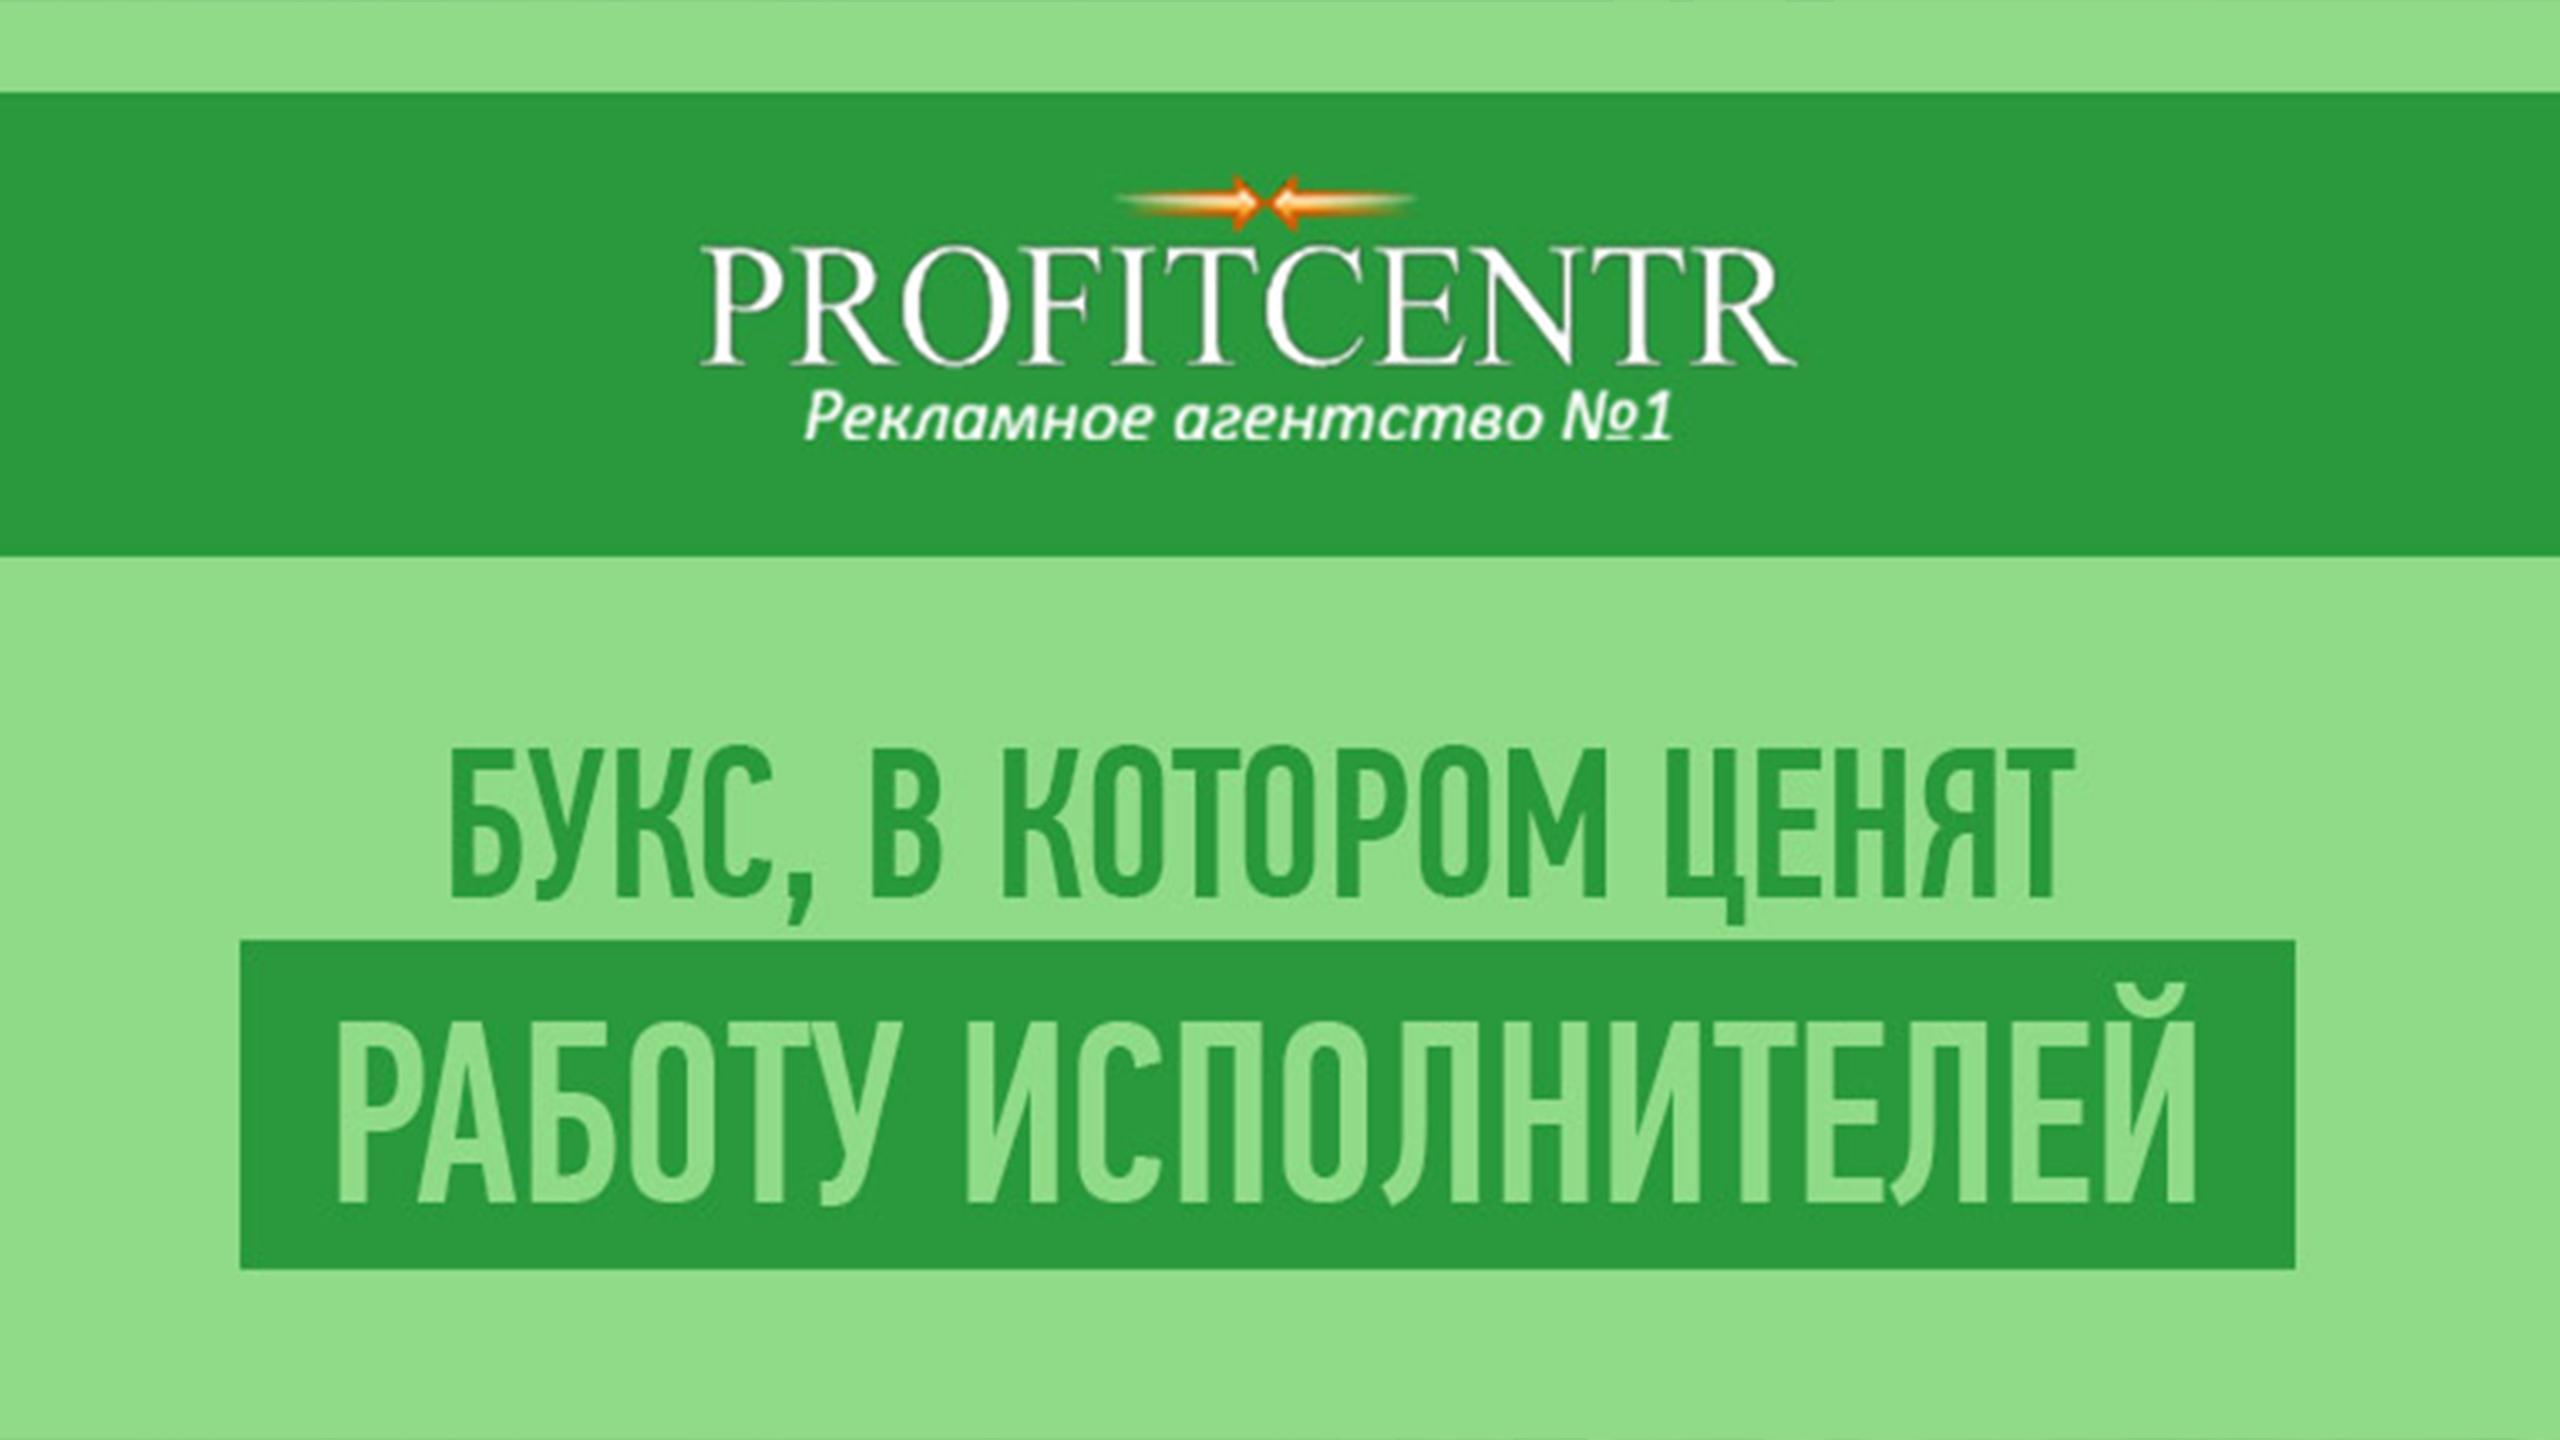 Profitcentr сайт для заработка в интернете